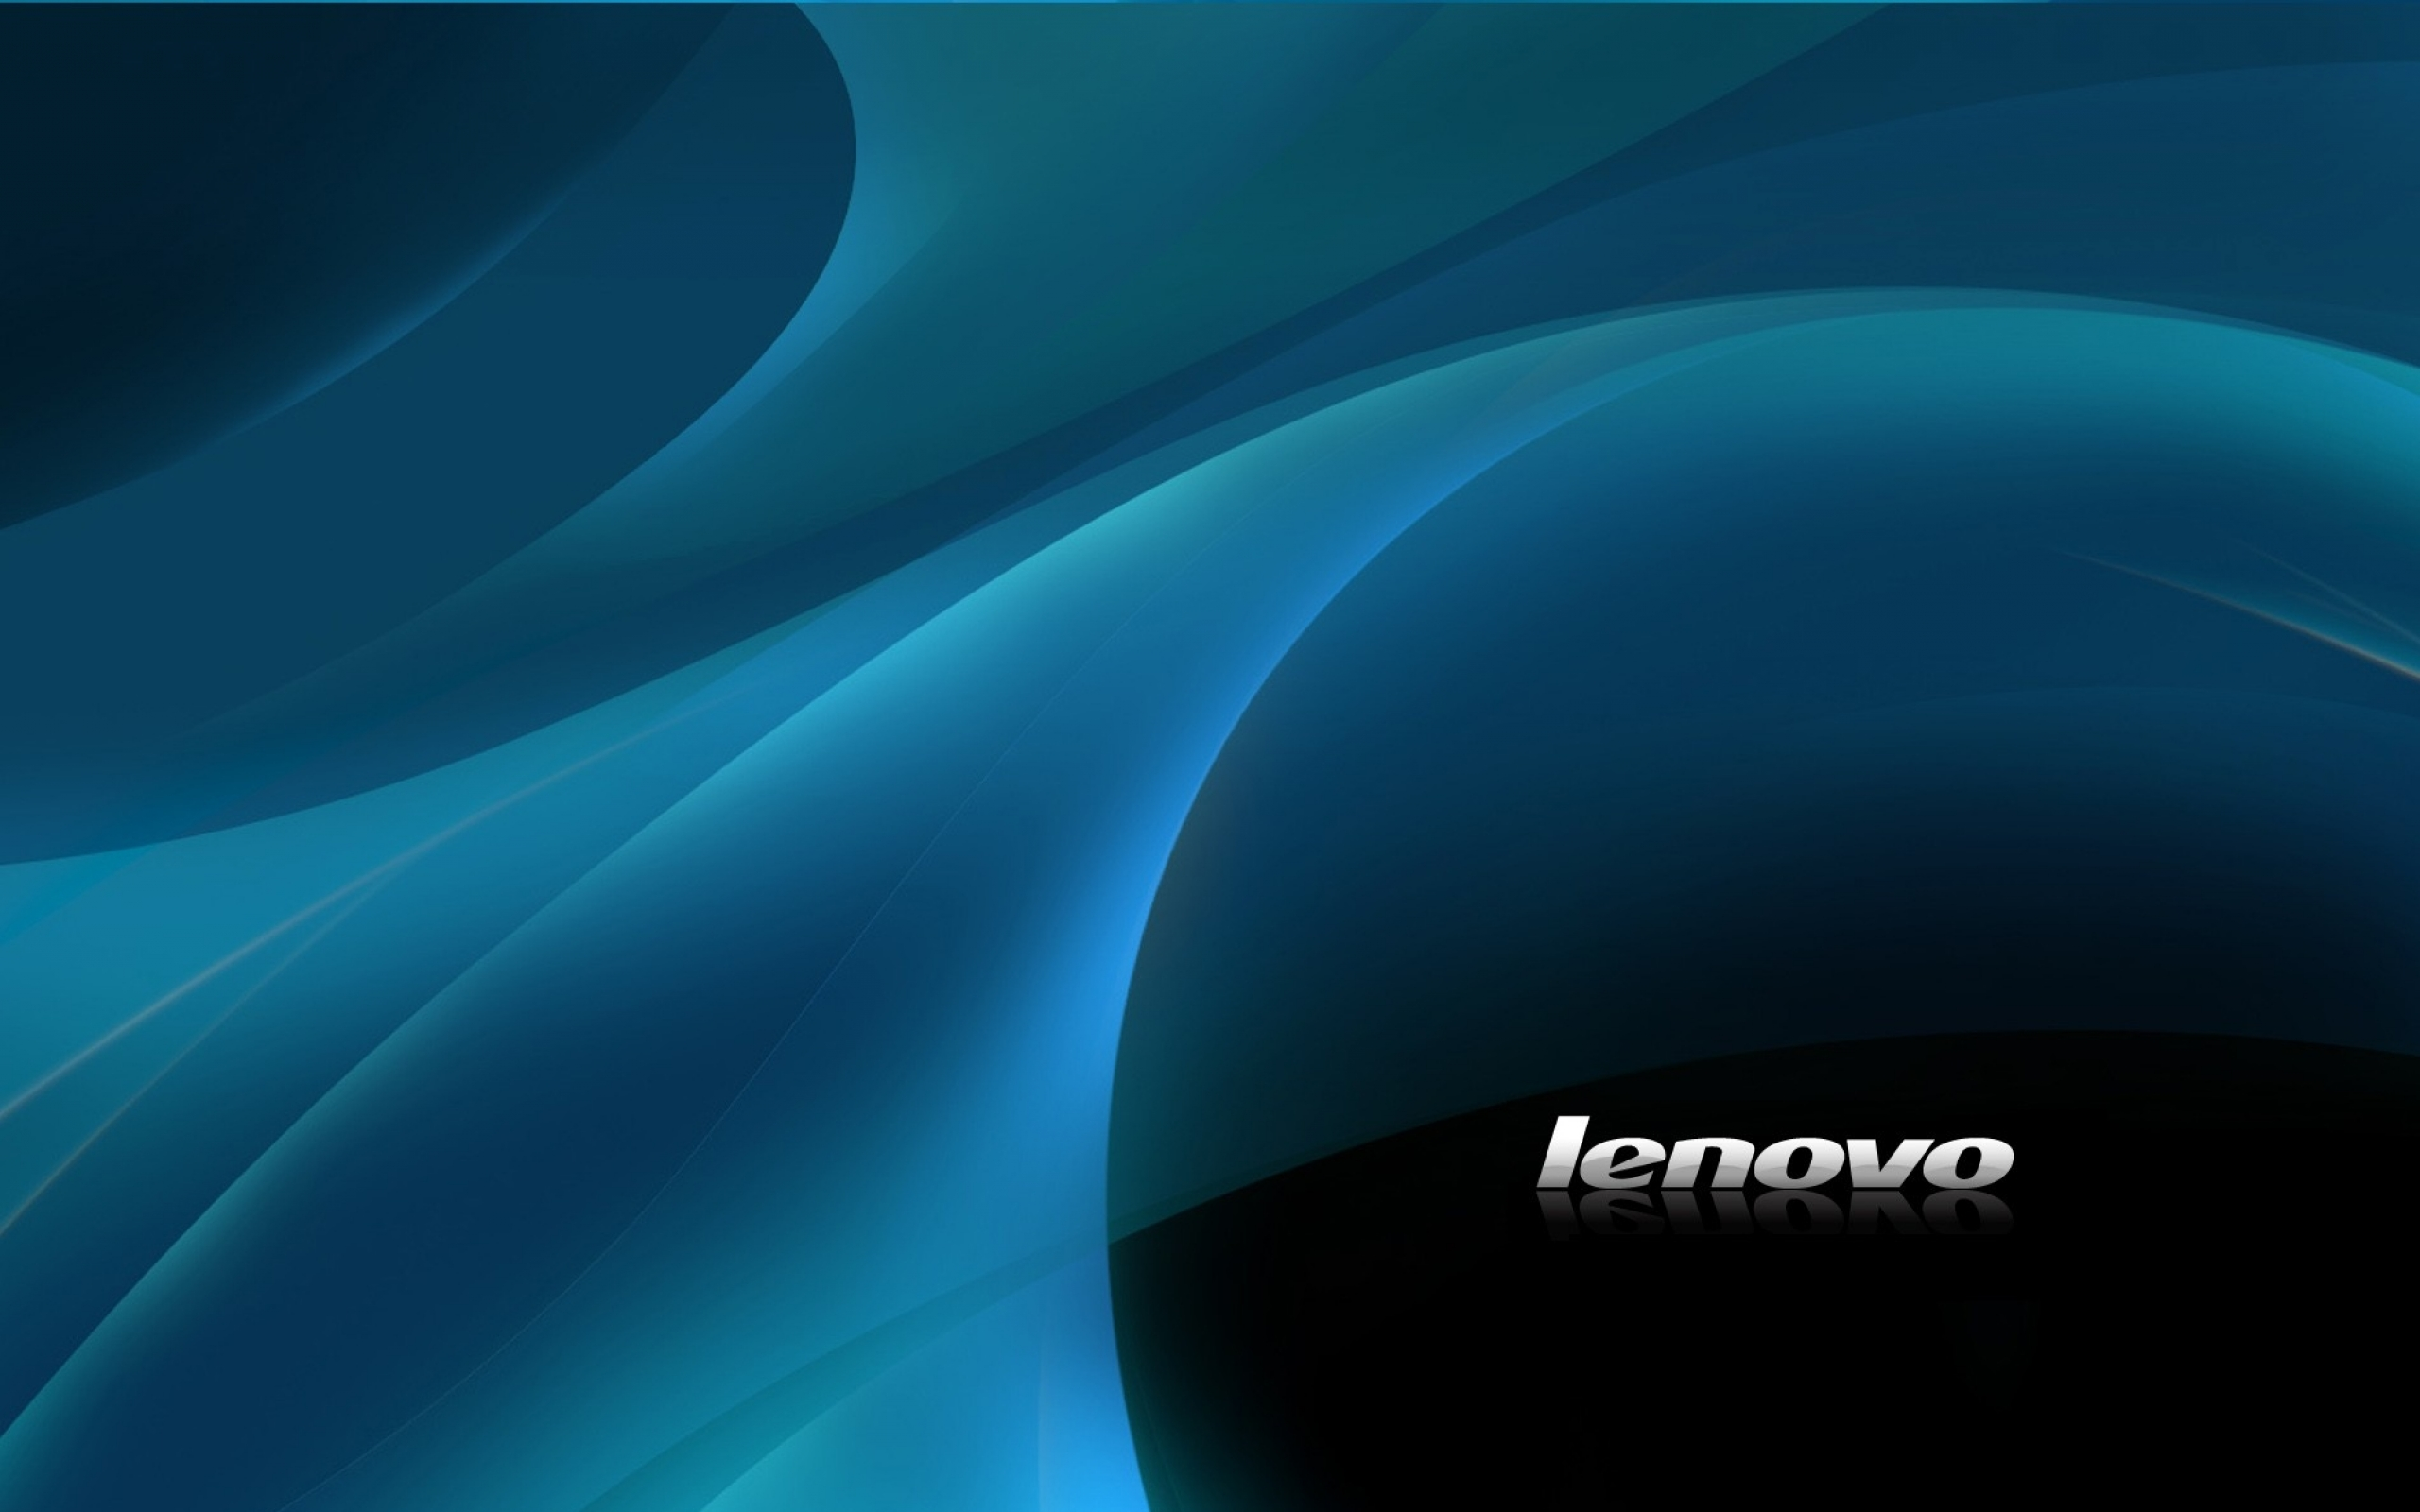 Wallpapers Download 2560x1600 ibm thinkpad lenovo 1900x1200 wallpaper 2560x1600